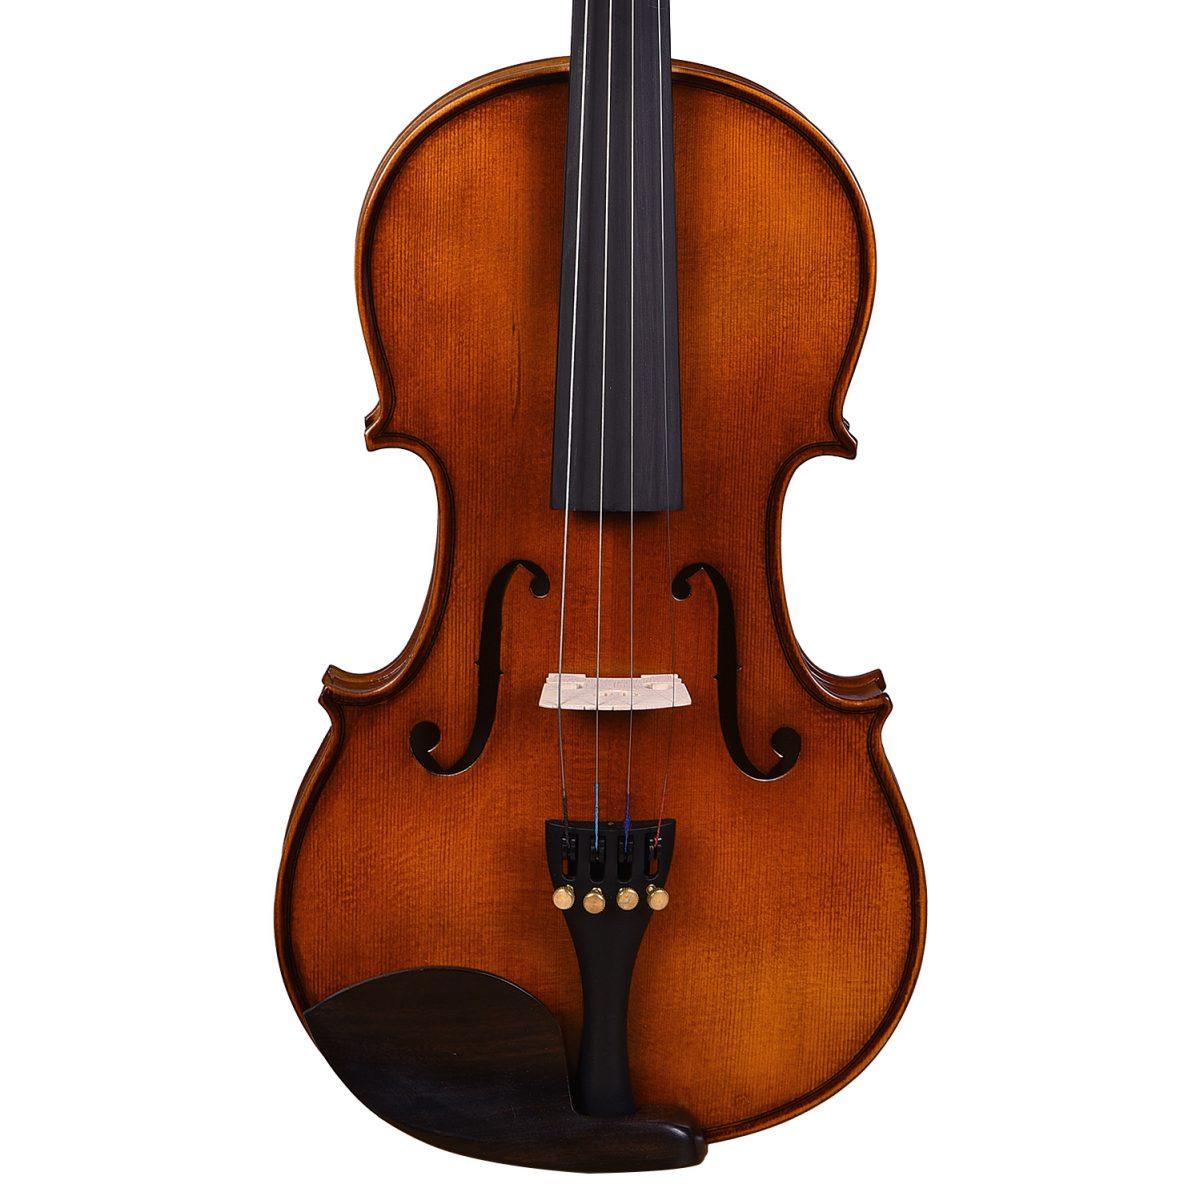 Kadence Vivaldi Violin V1001 Solid Spruce Top, Flame Maple Back